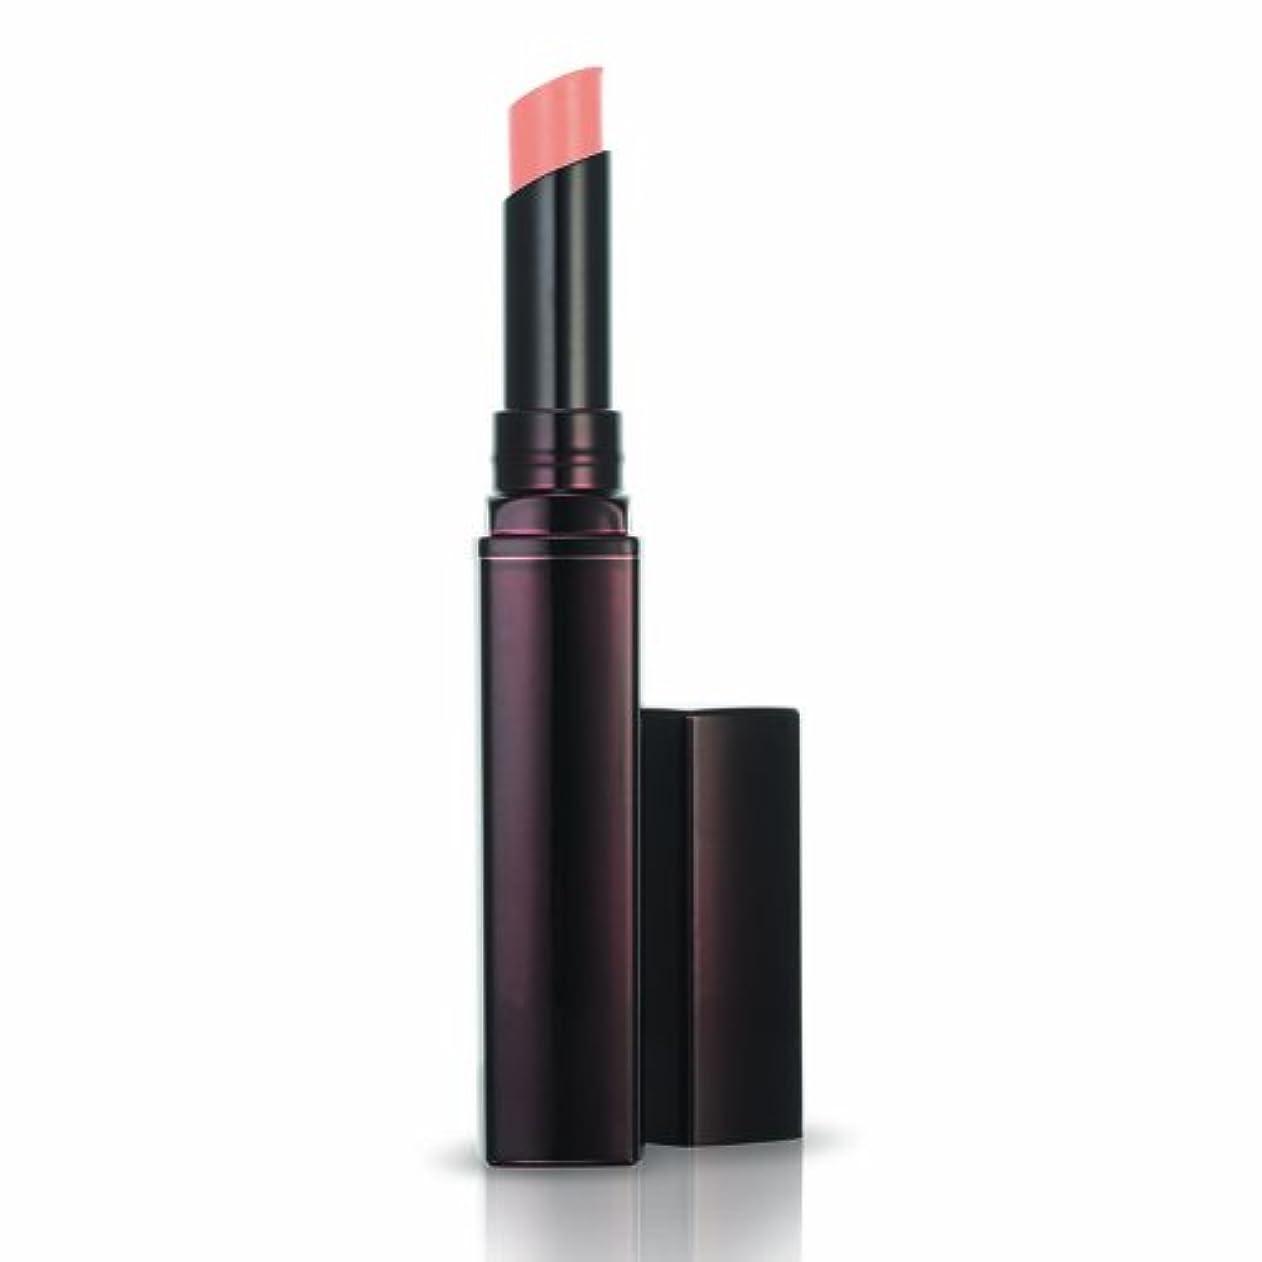 ネックレットキルト気分が悪いローラ メルシエ Rouge Nouveau Weightless Lip Colour - Pure 1.9g/0.06oz並行輸入品